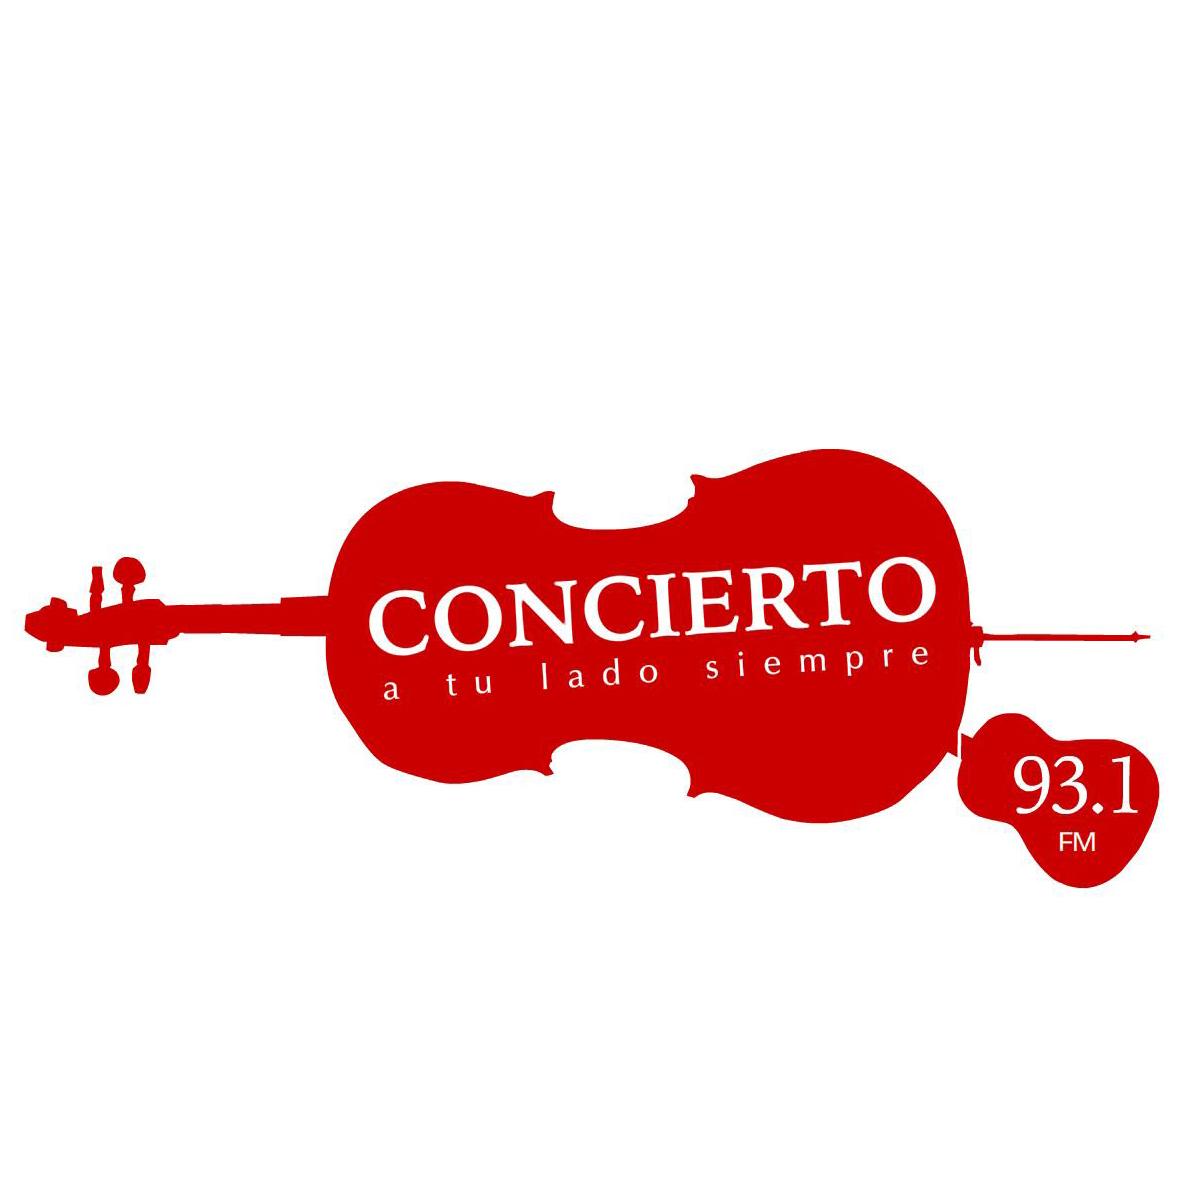 Concierto 93.1 FM live